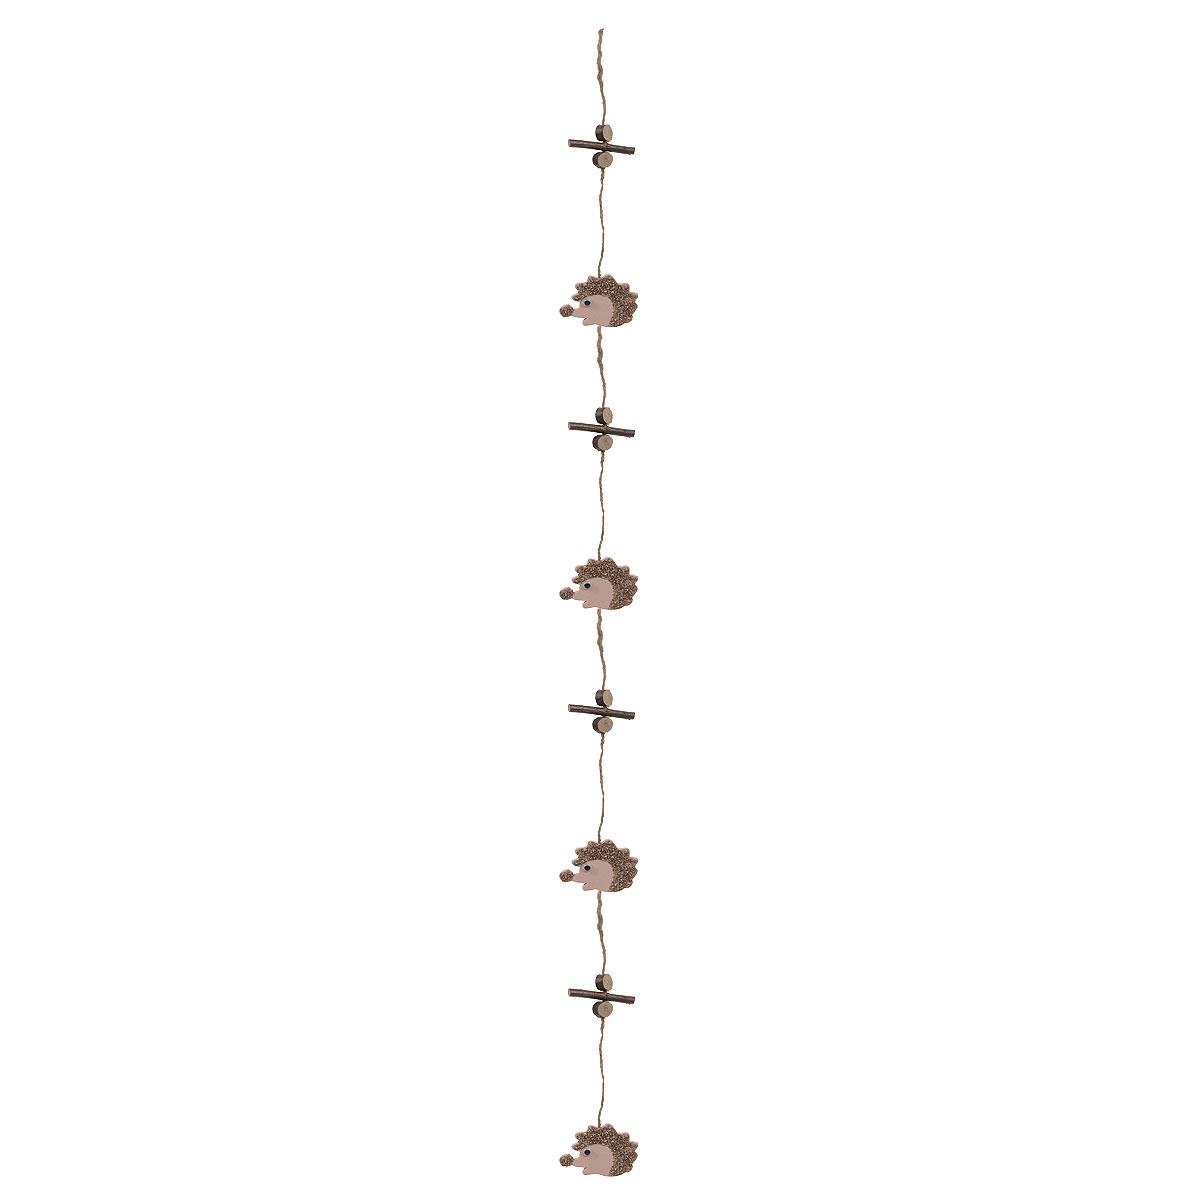 Новогоднее подвесное украшение House & Holder Ежики15125Новогоднее украшение House & Holder Ежики отлично подойдет для декорации вашего дома. Игрушка выполнена в виде подвесной гирлянды и декорирована деревянными палочками и фигурками ежиков. Украшение оснащено специальной текстильной петелькой для подвешивания. Создайте в своем доме атмосферу веселья и радости, украшая всей семьей дом нарядными игрушками, которые будут из года в год накапливать теплоту воспоминаний. Размер ежика: 5 см х 6 см.